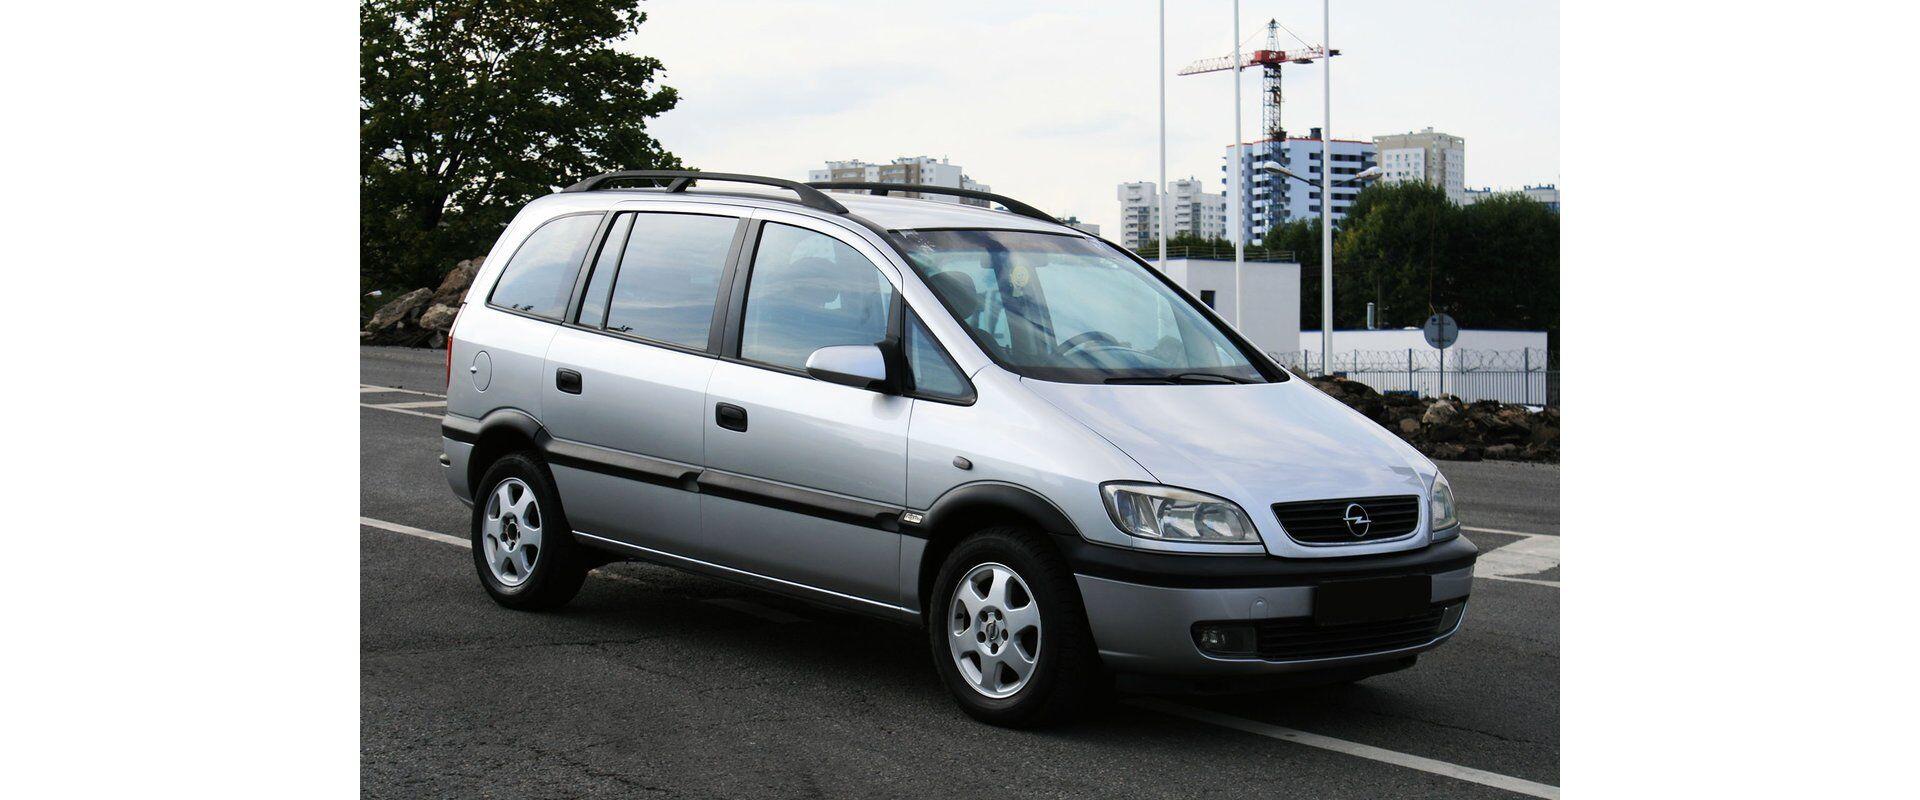 Opel Zafira (2000)